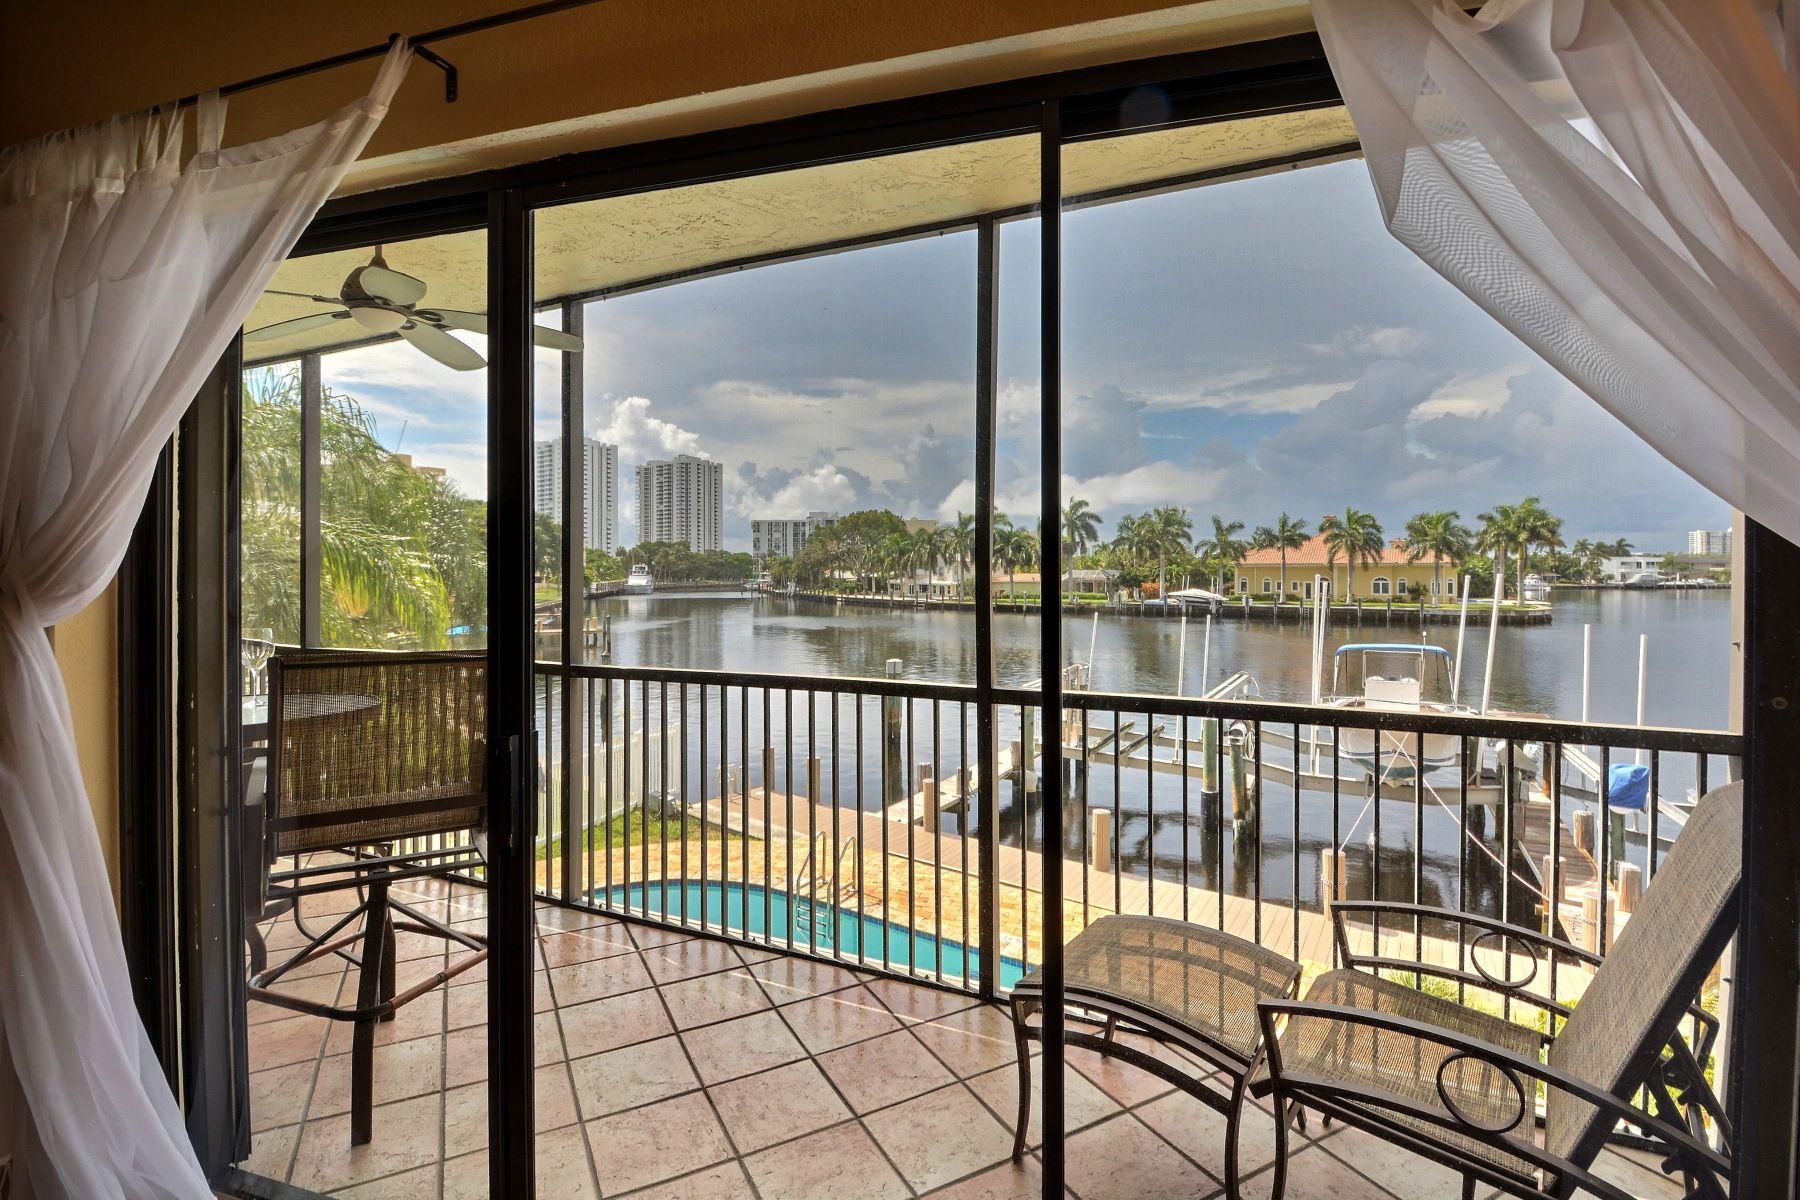 Apartamento para Venda às 3208 Se 12th St #201 3208 Se 12th St 201 Pompano Beach, Florida, 33062 Estados Unidos